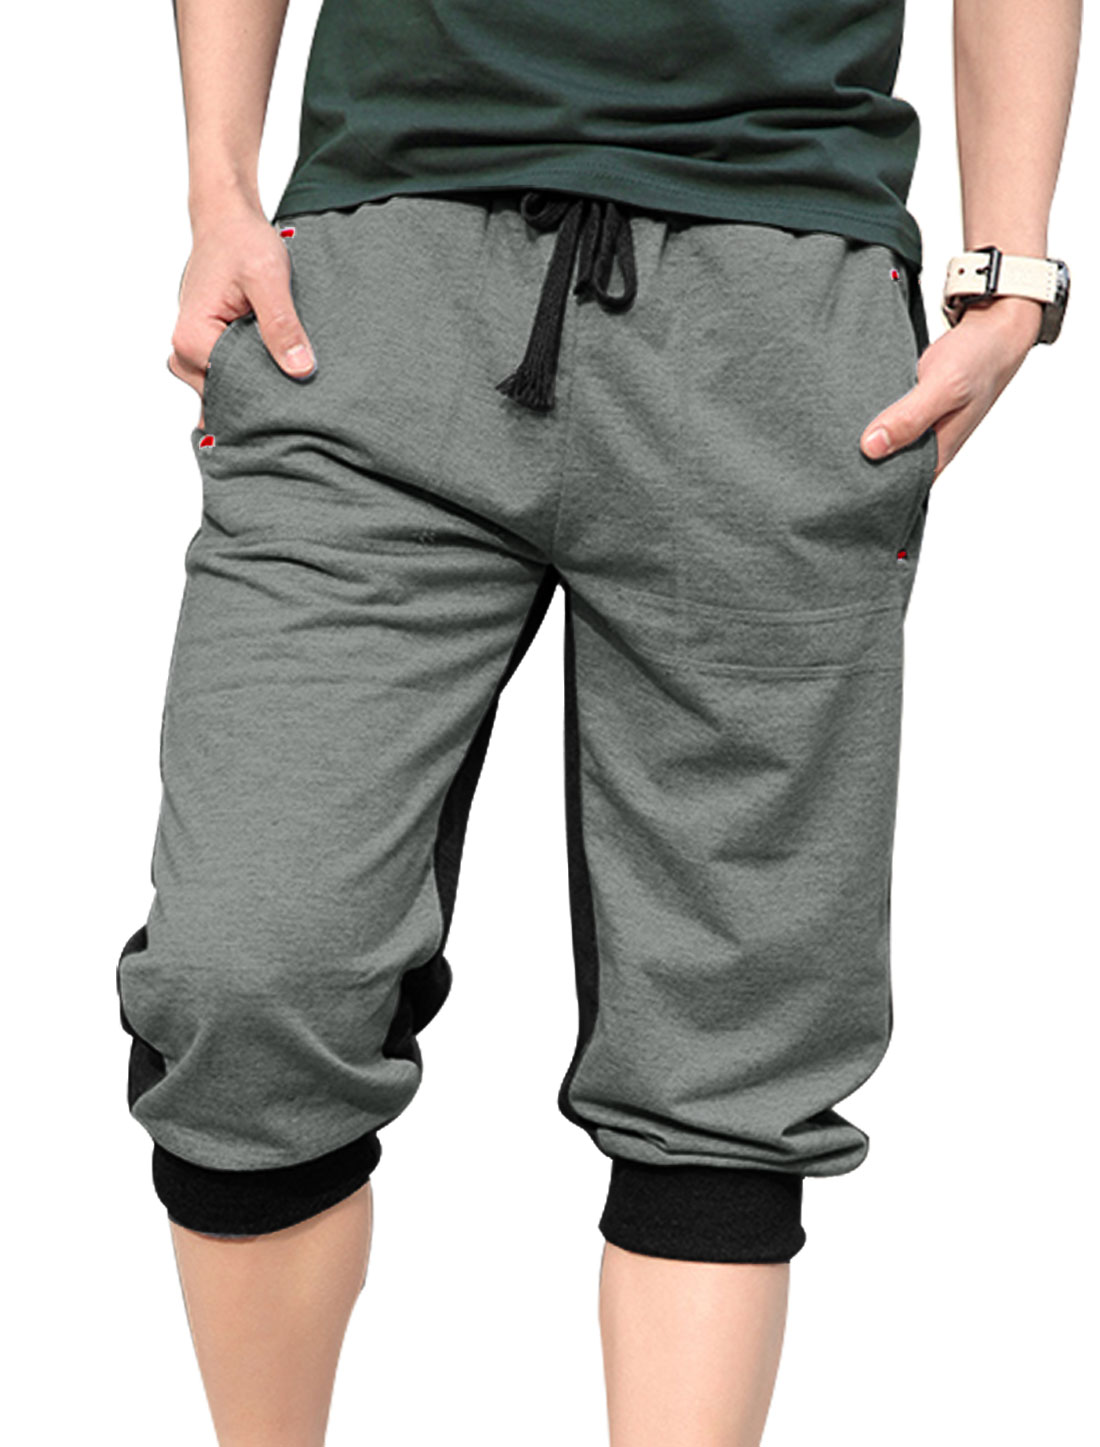 Men Ribbed Cuffs Embroidery Detail Fashion Capris Pants Gray Black W30